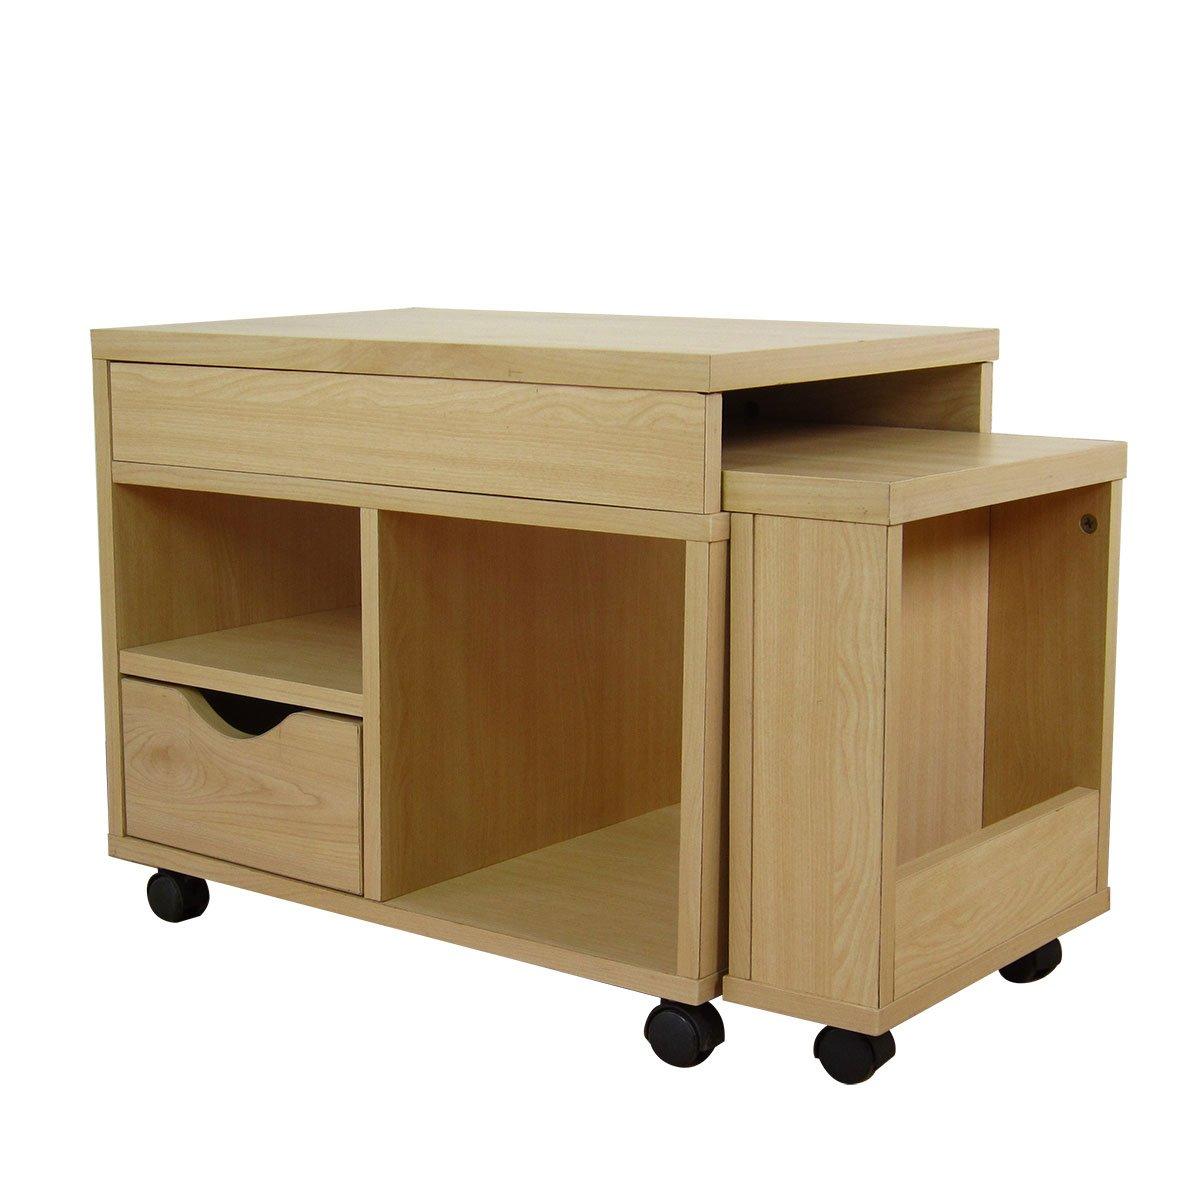 クロシオ ドロアーセンターテーブル ナチュラル 幅72~122cm奥行39.5cm 半完成品 一部組立 デスク B004GTW2R0 Parent